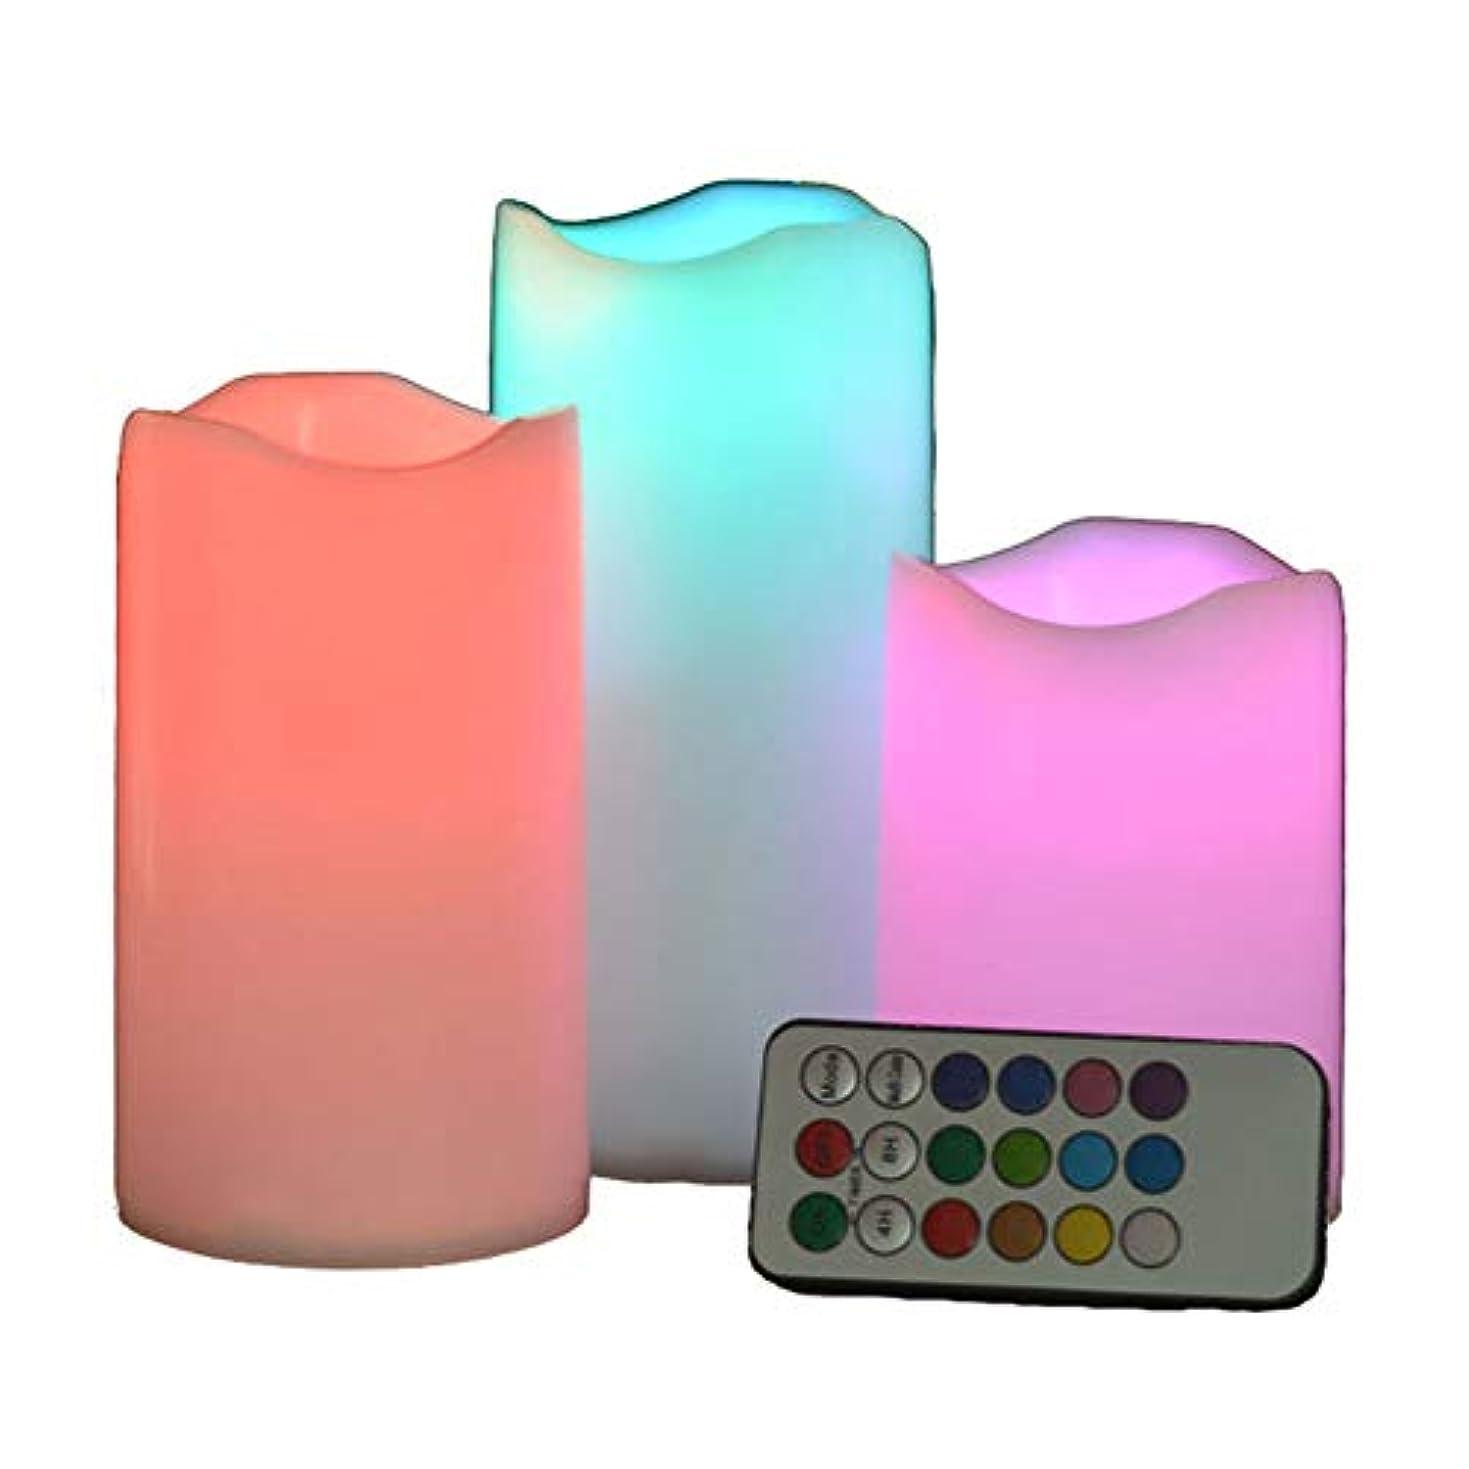 いいね考古学的な若者LEDリモートコントロール電子キャンドルクリエイティブ18キータイミングカラフルなプラスチッククリスマスライトキャンドルライト(バッテリーなし)